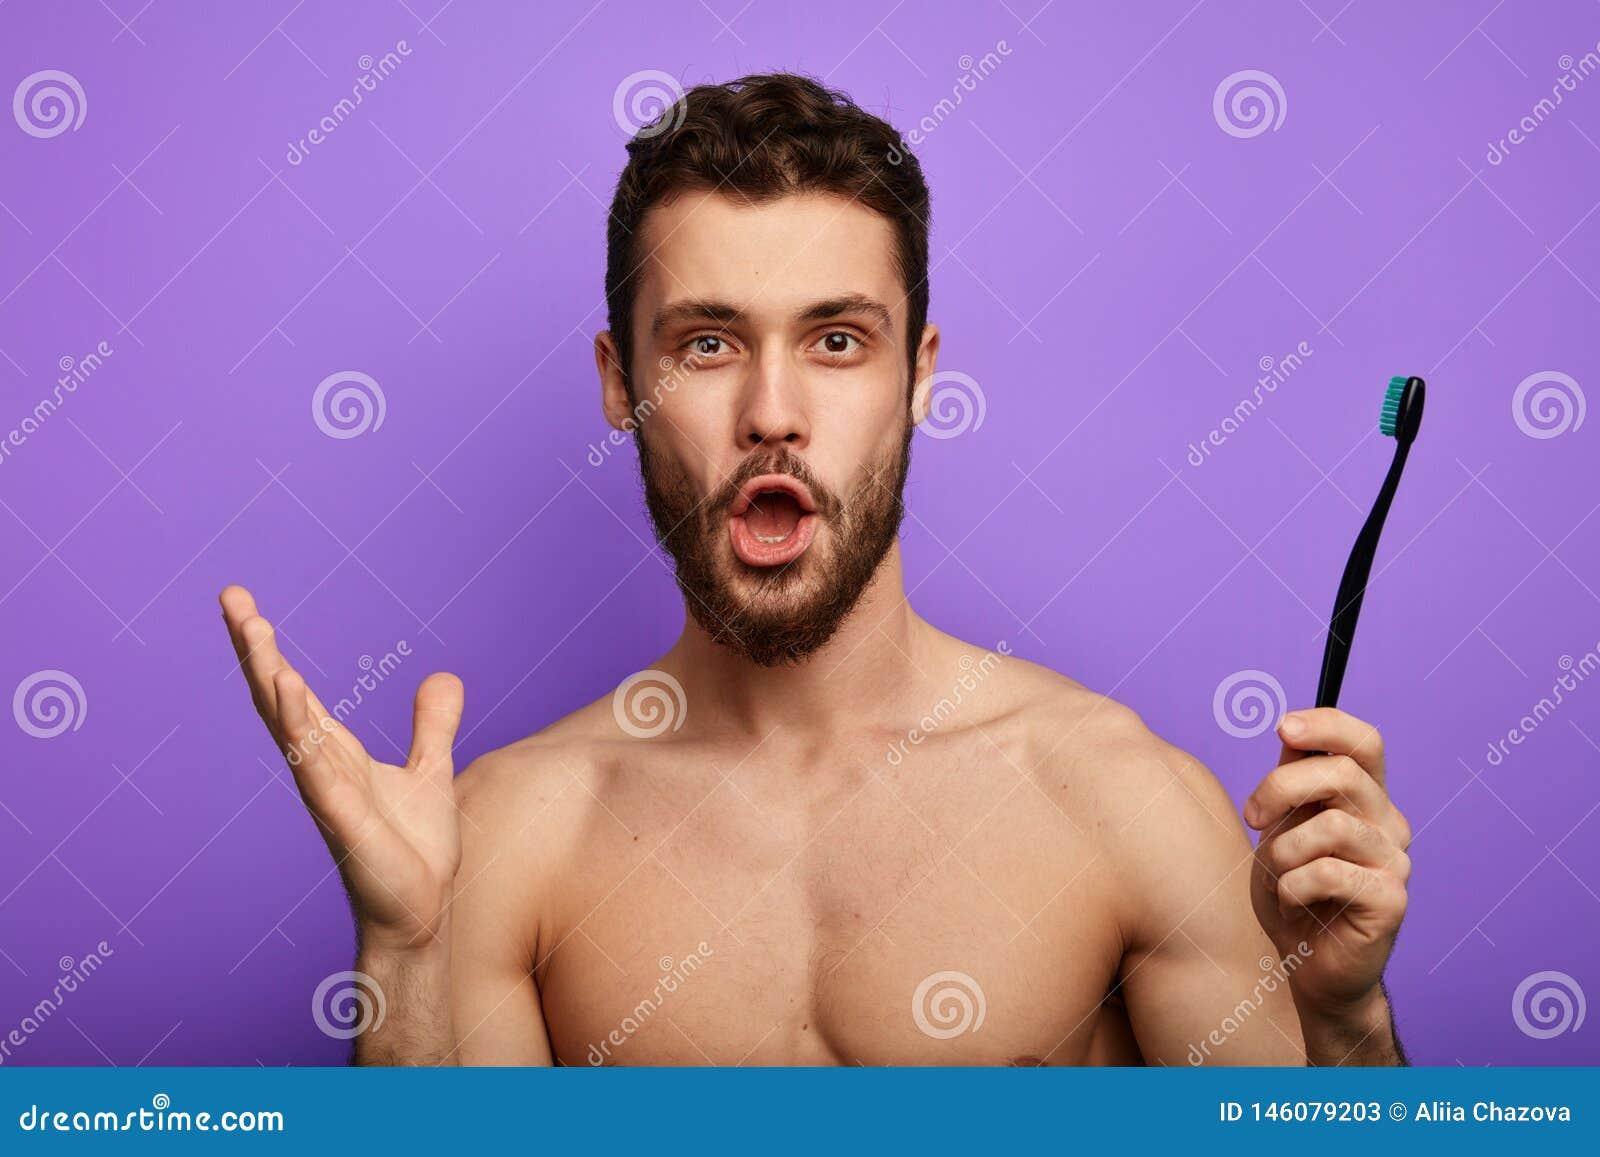 O homem surpreendido com a boca extensamente aberta, olhares fixos na câmera, guarda a escova de dentes à disposição